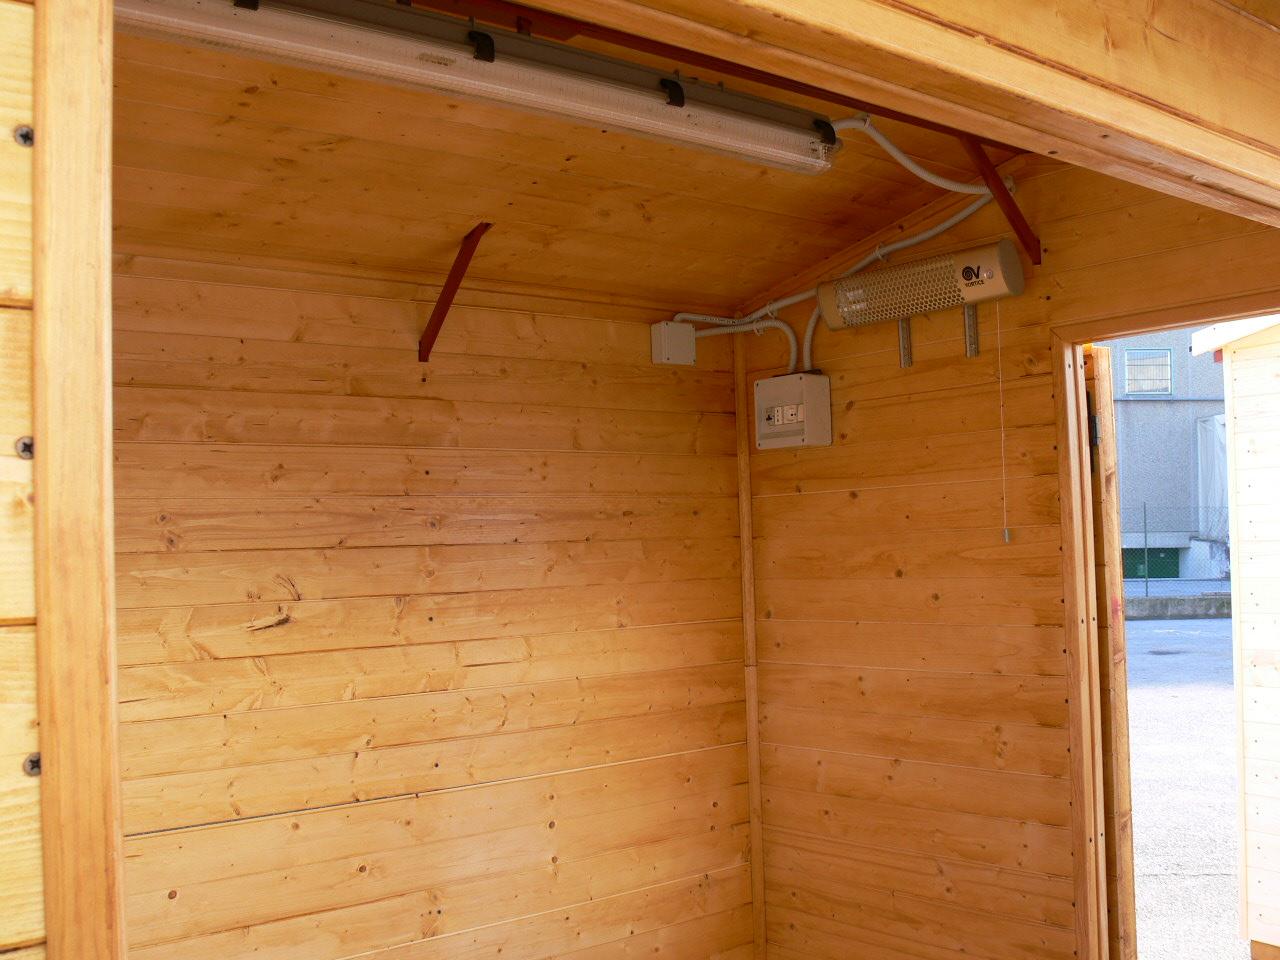 Arriva la casetta in legno nolopoint simplewedding for Impianto elettrico casa in legno